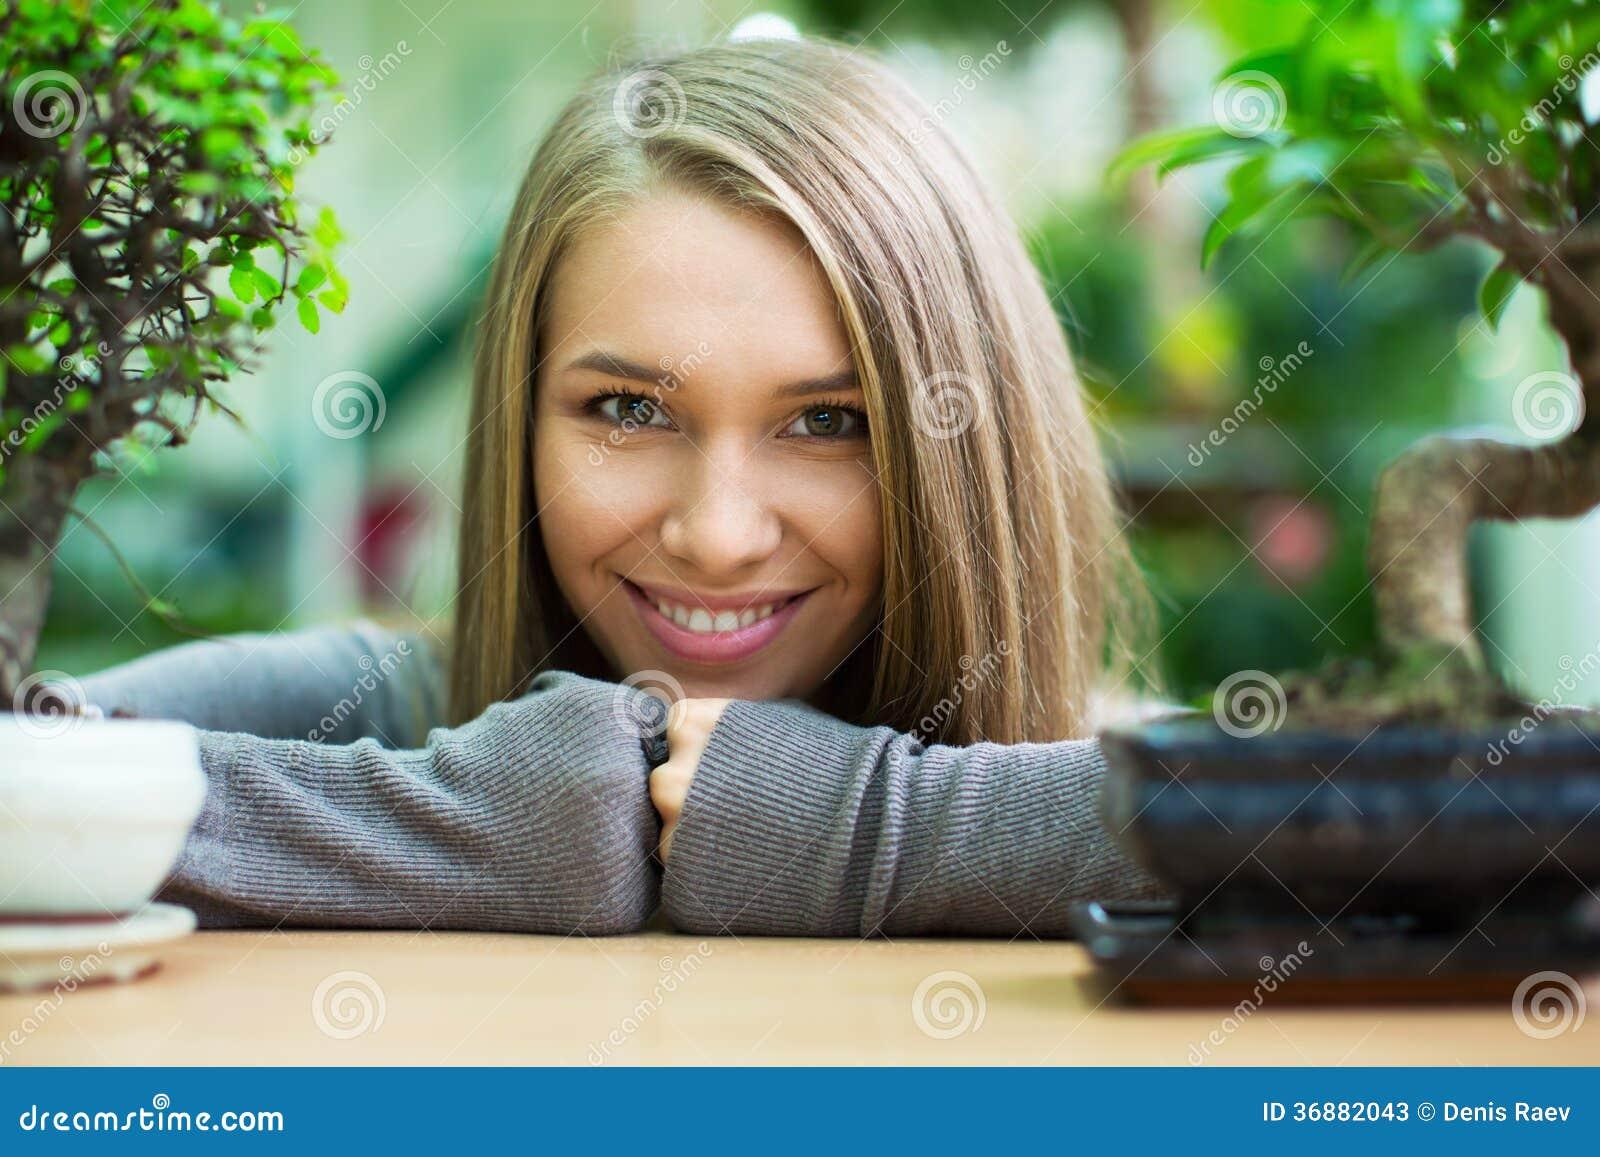 Download Ragazza sorridente immagine stock. Immagine di people - 36882043